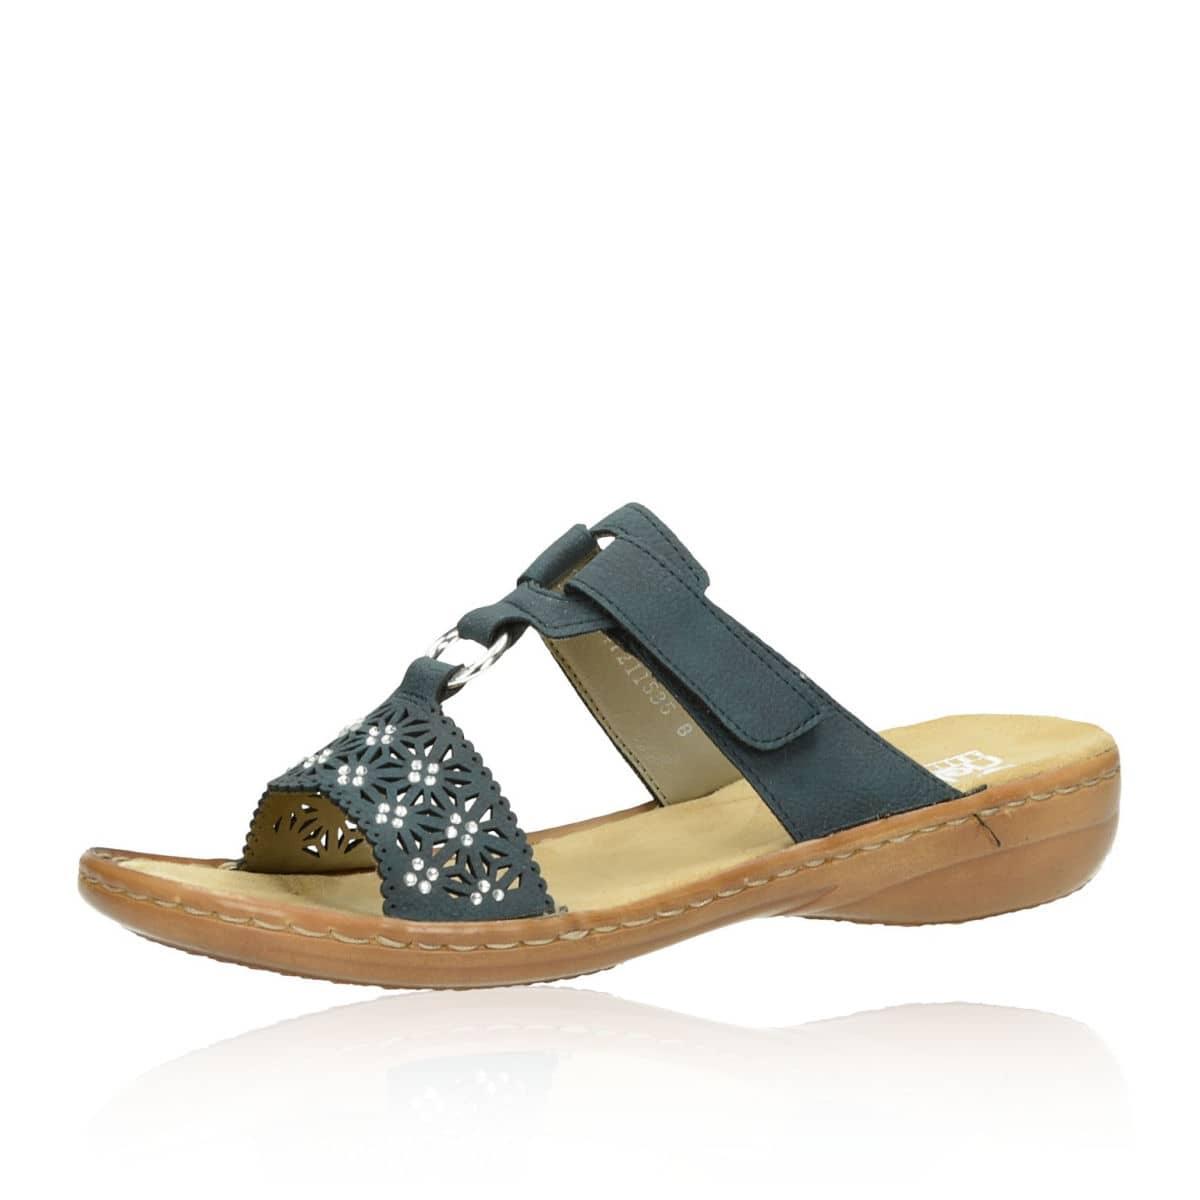 Dámska obuv - kvalitné značkové šľapky Rieker online  db65ed25e3